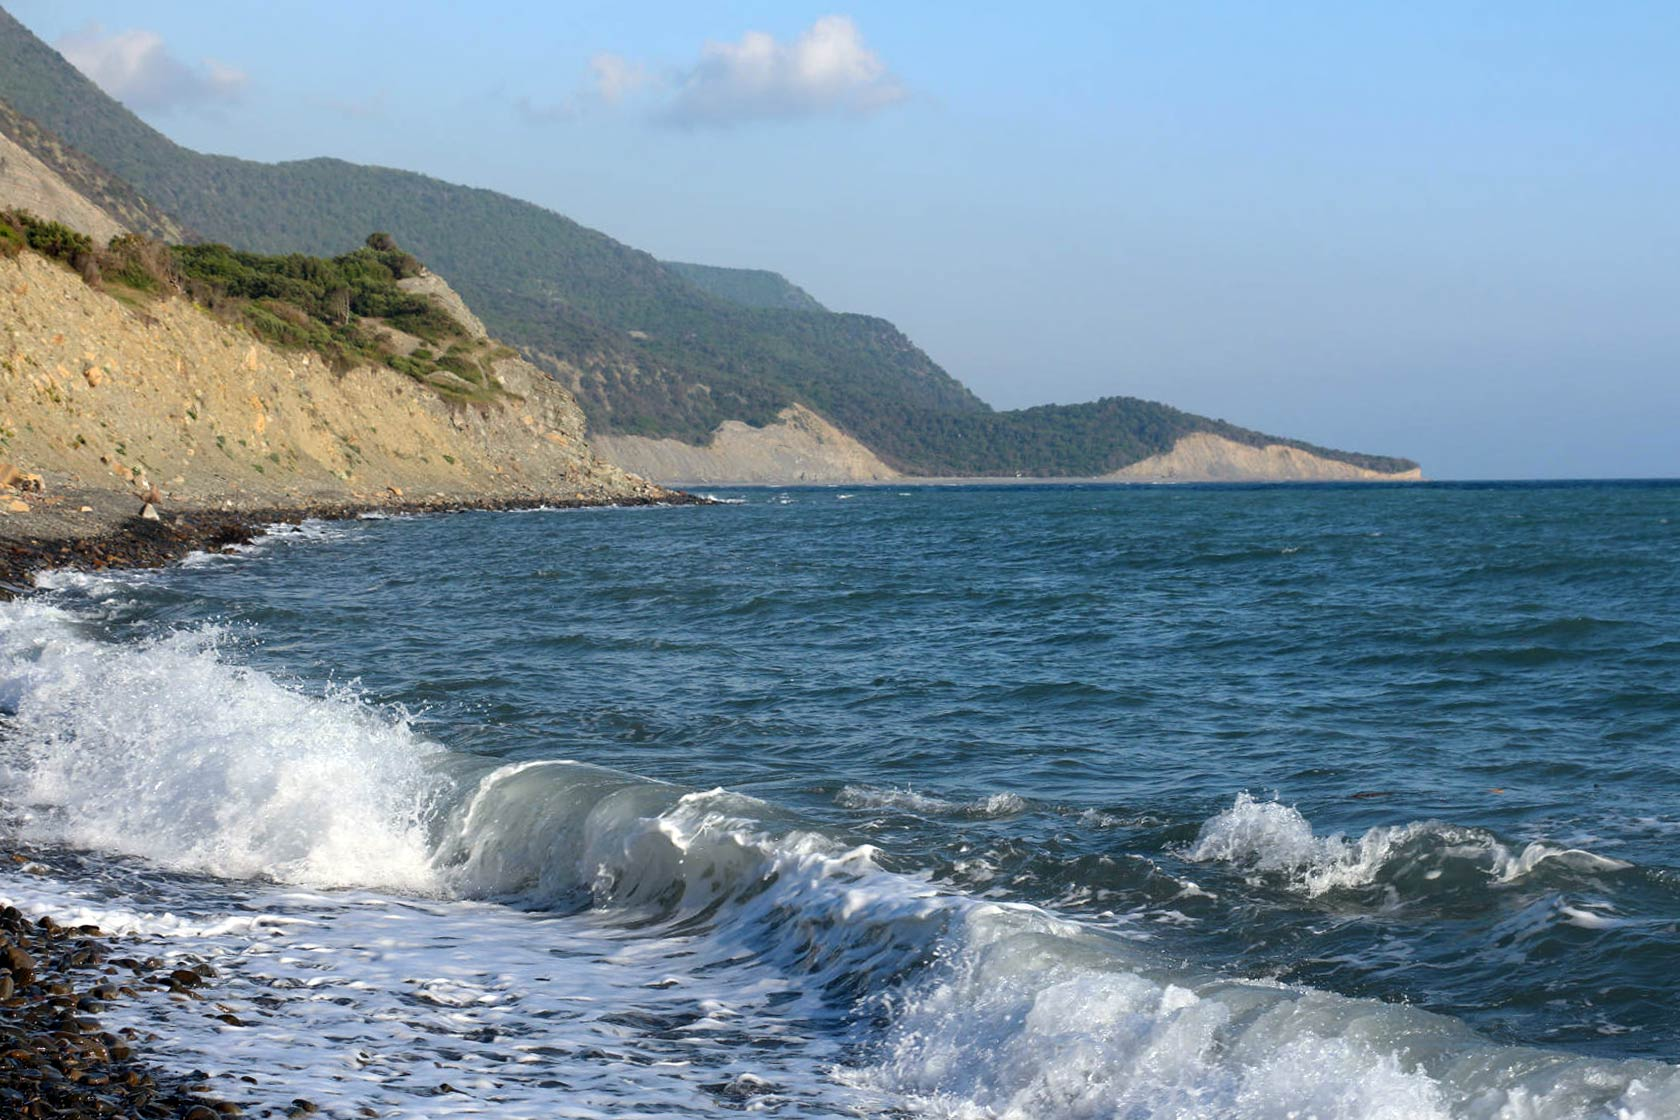 картинки черное море утриш они открыли очень